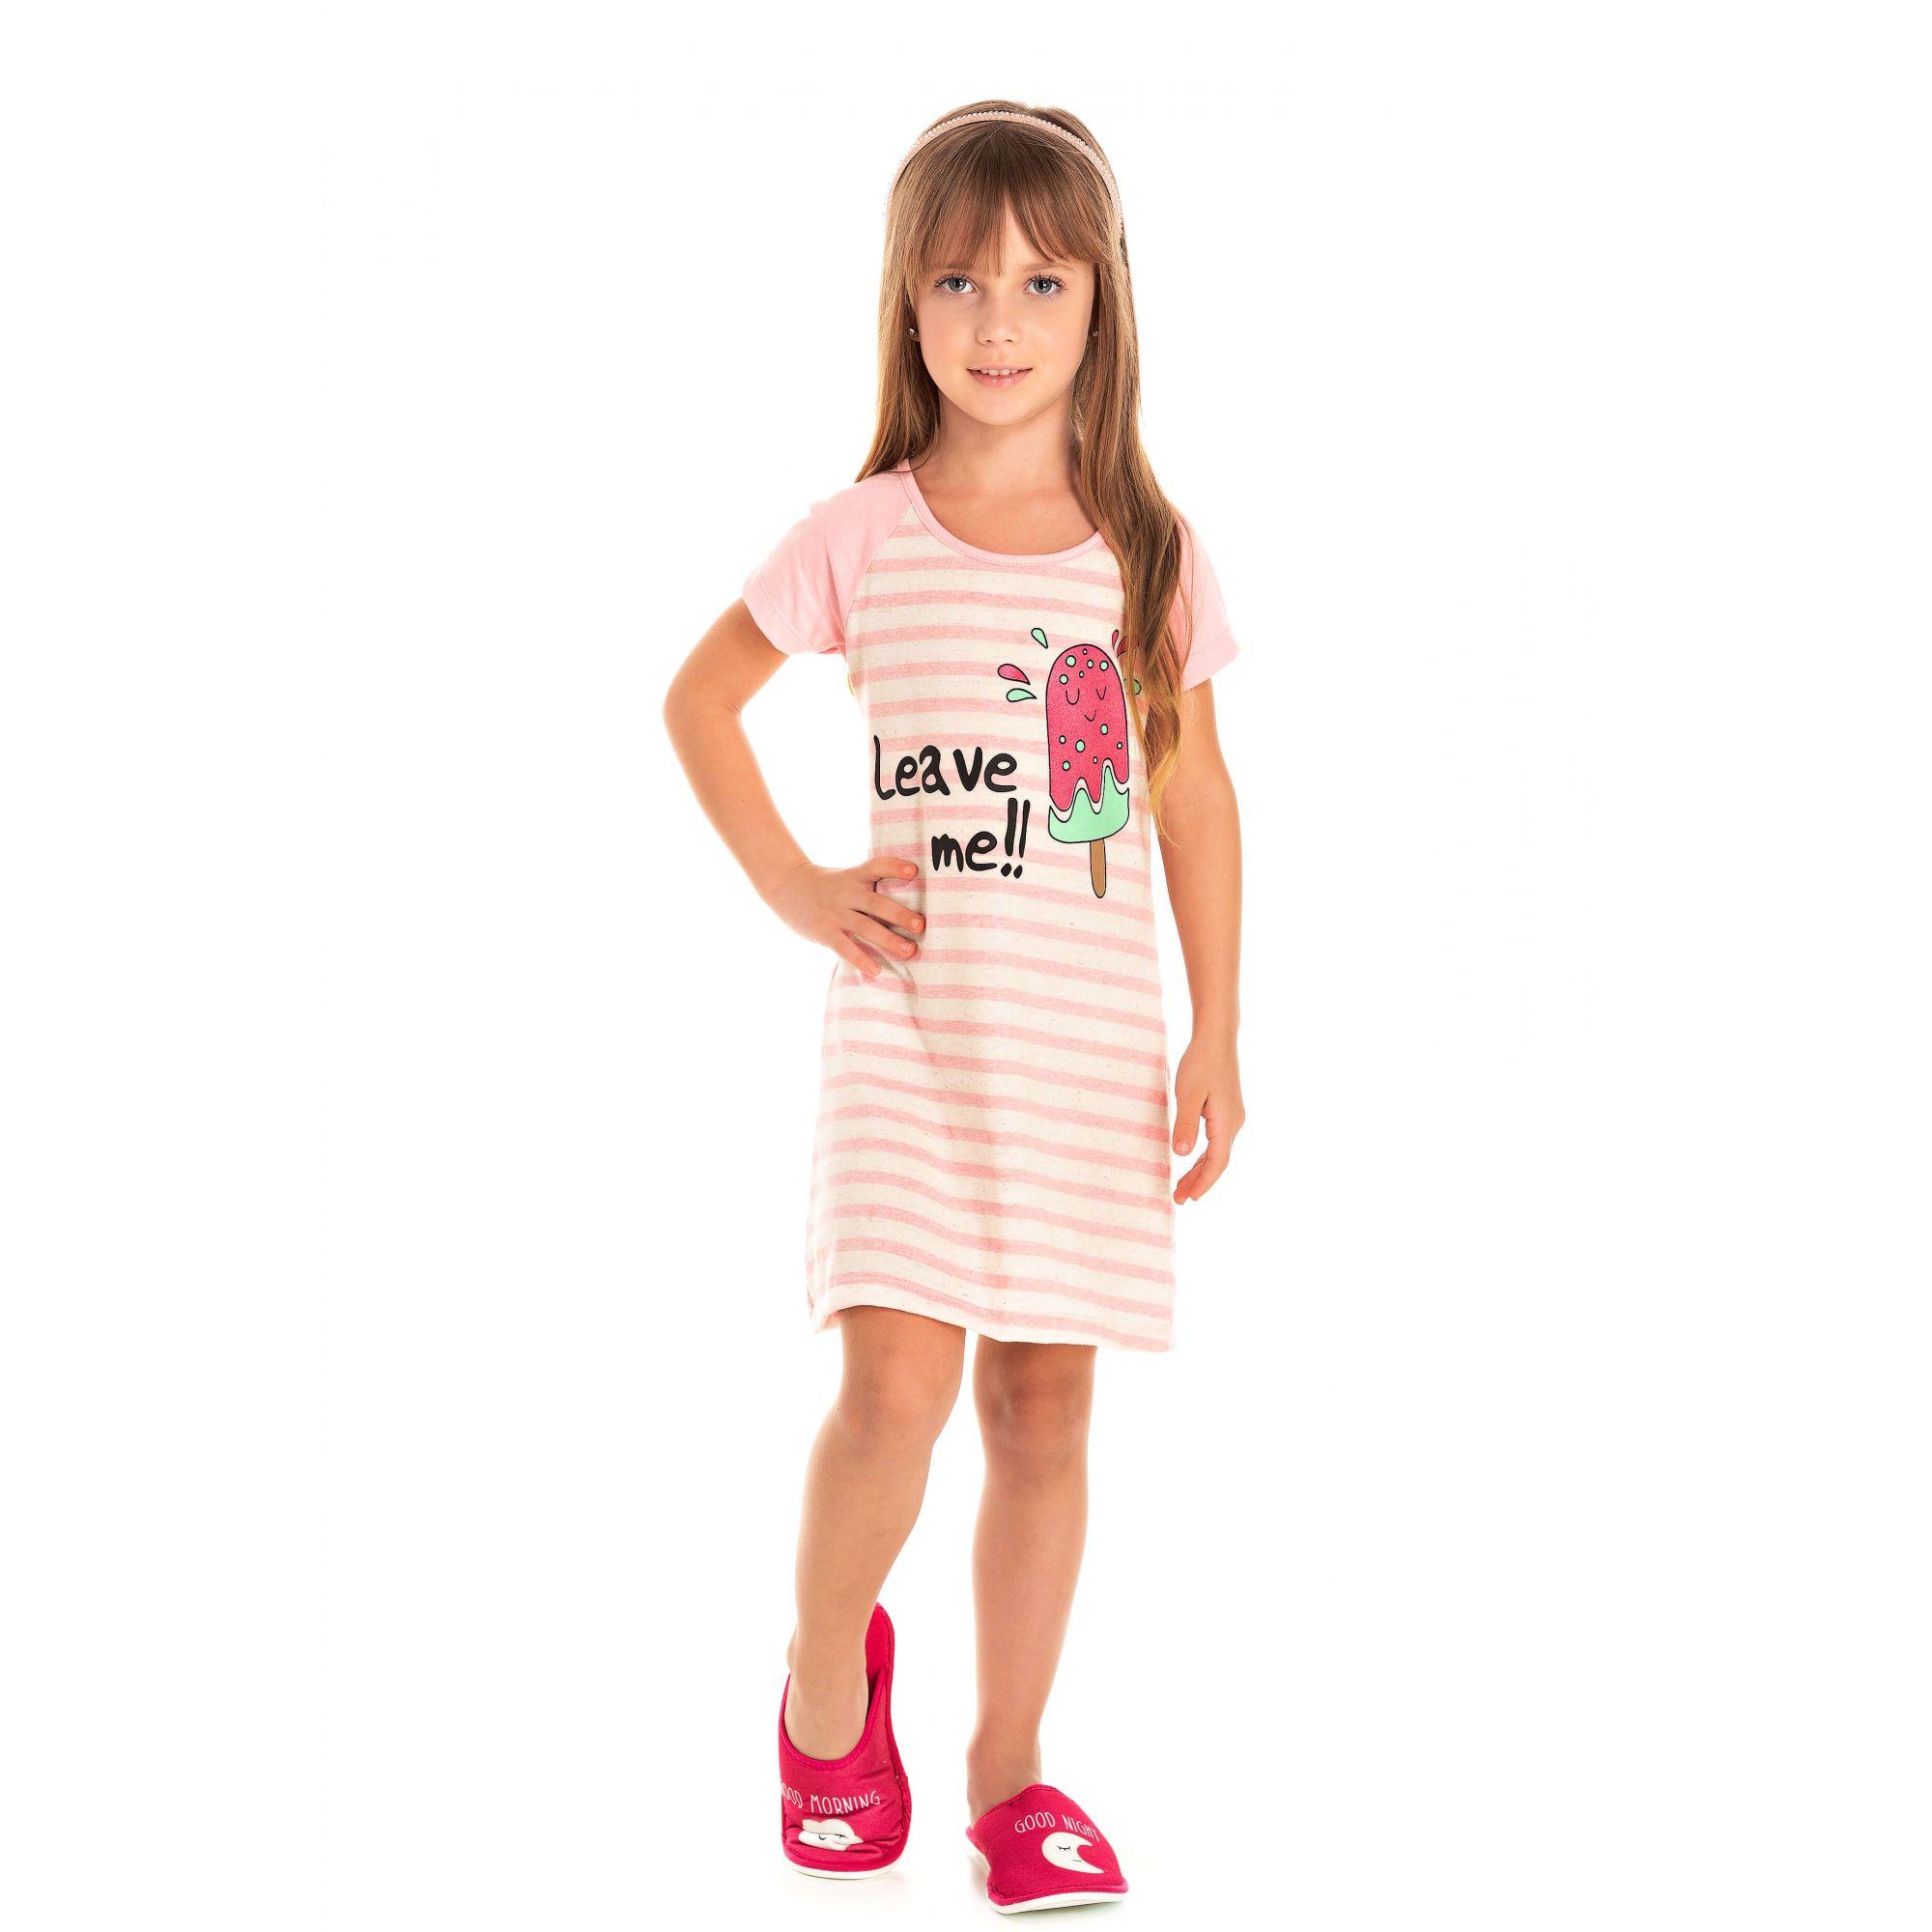 041 - Camisola Infantil Feminino Picolé